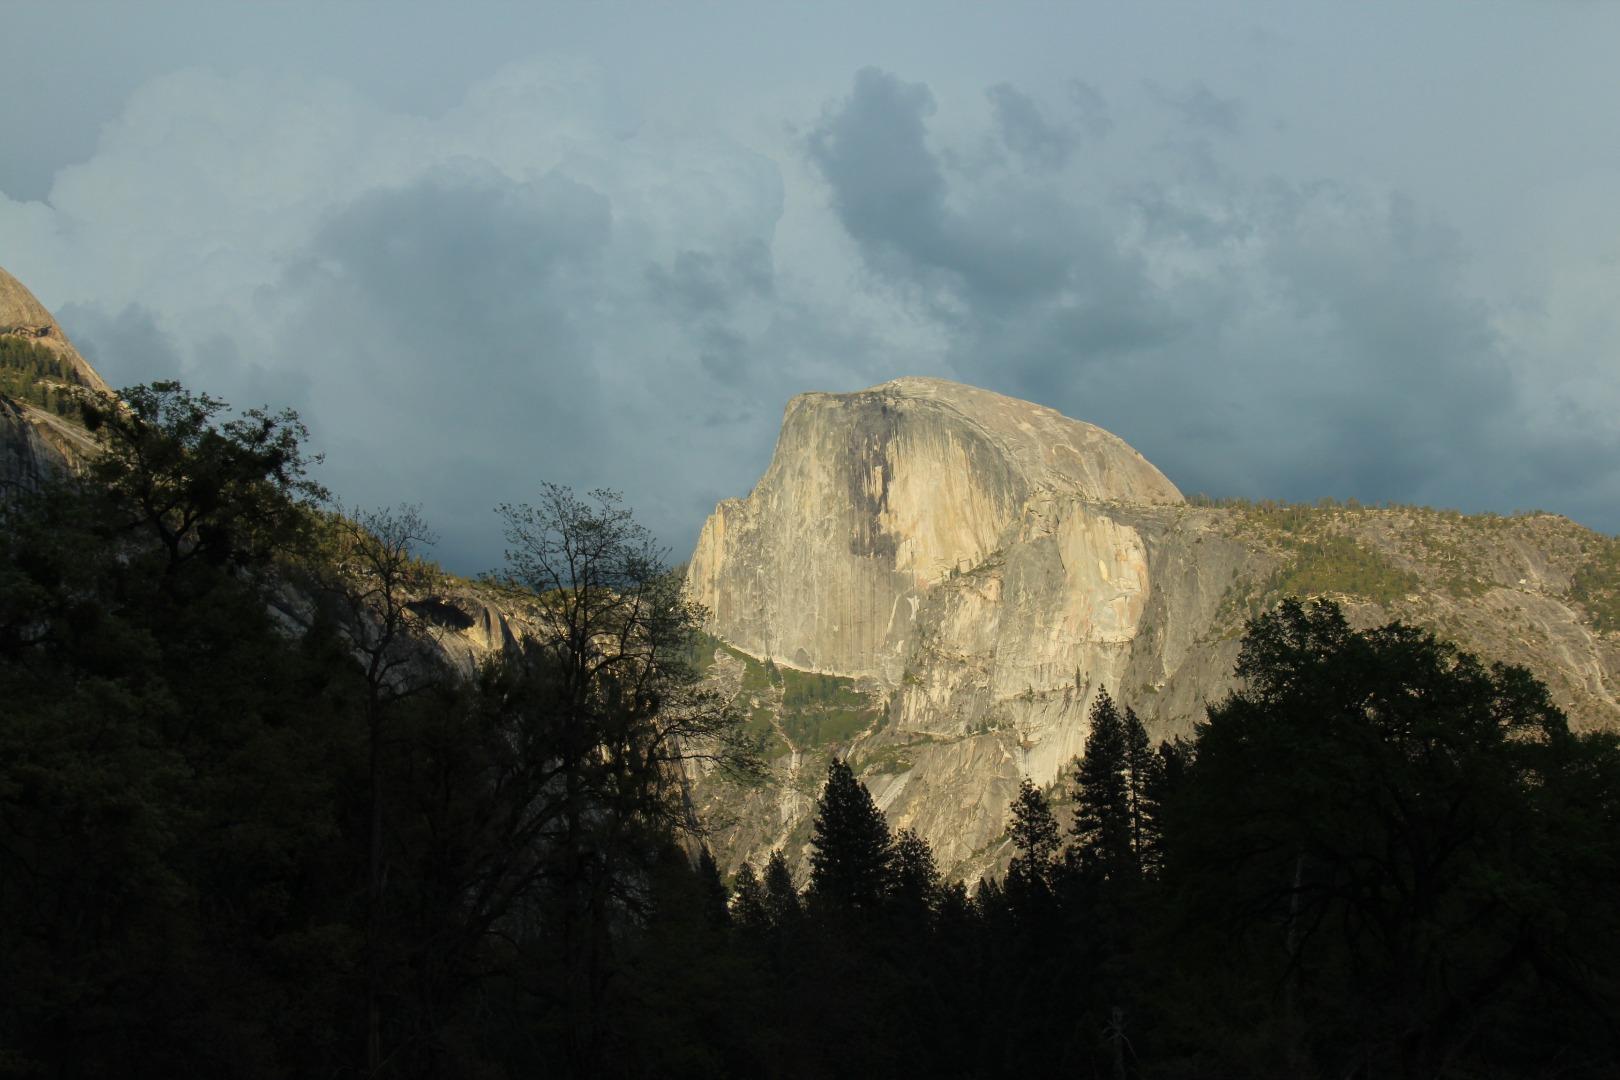 半圆顶是优胜美地的标志性景点,为花岗岩圆顶,高4800英尺/1460米。